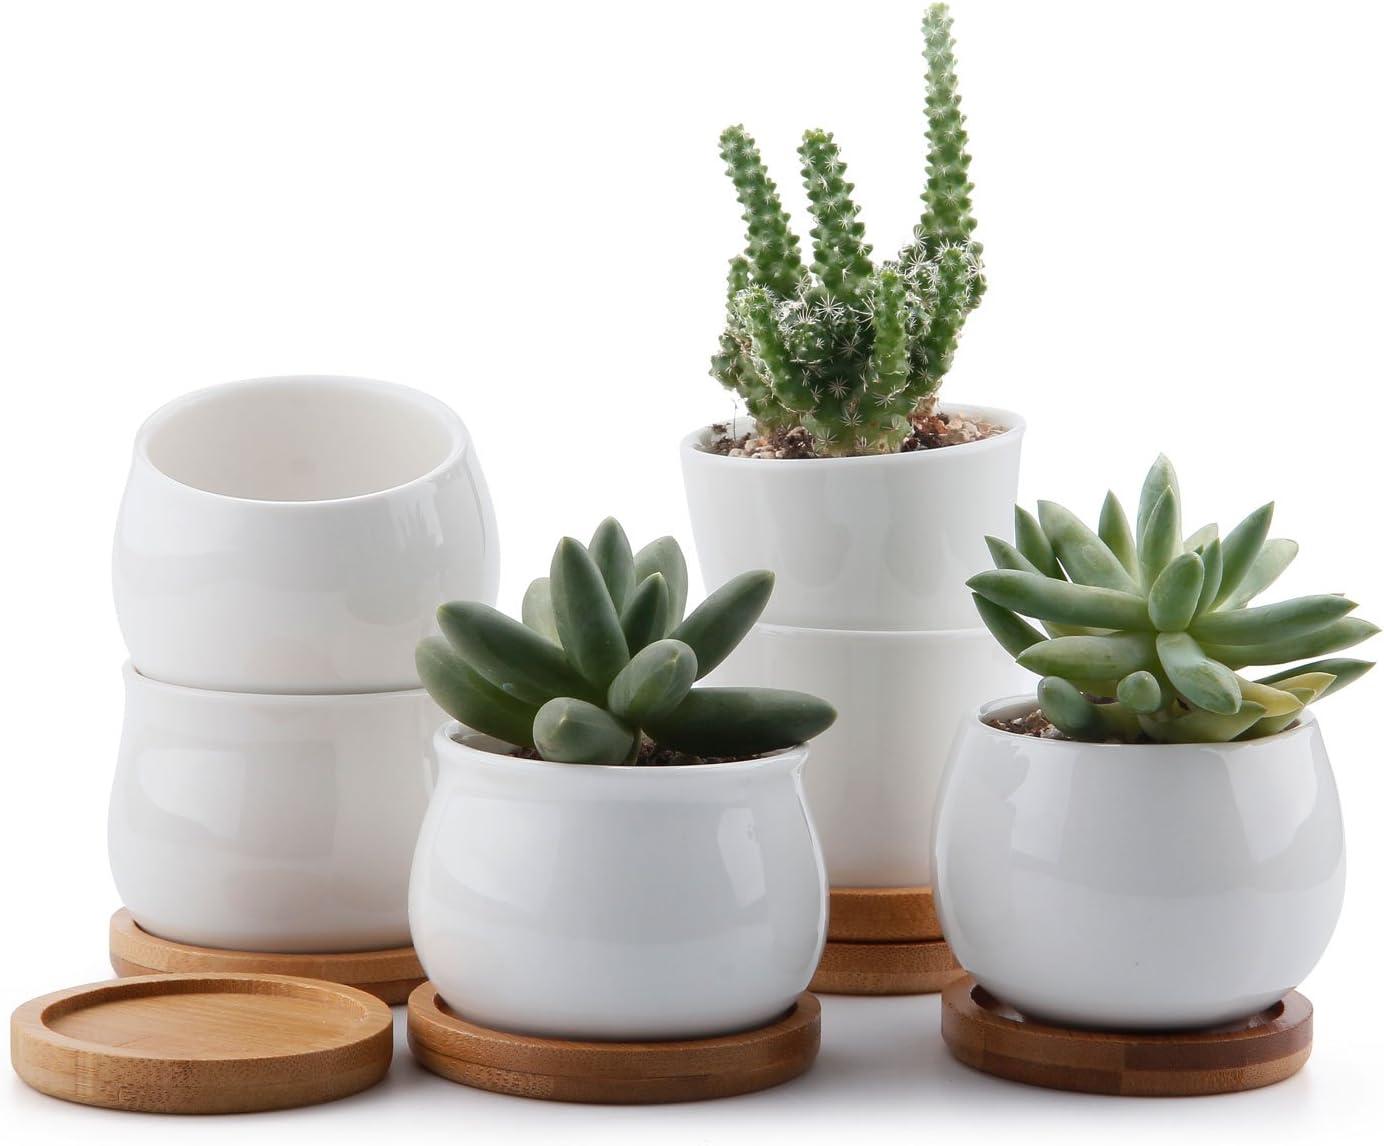 Cute Ceramic Succulent Planter Pot Small Cactus Plant Pot Container